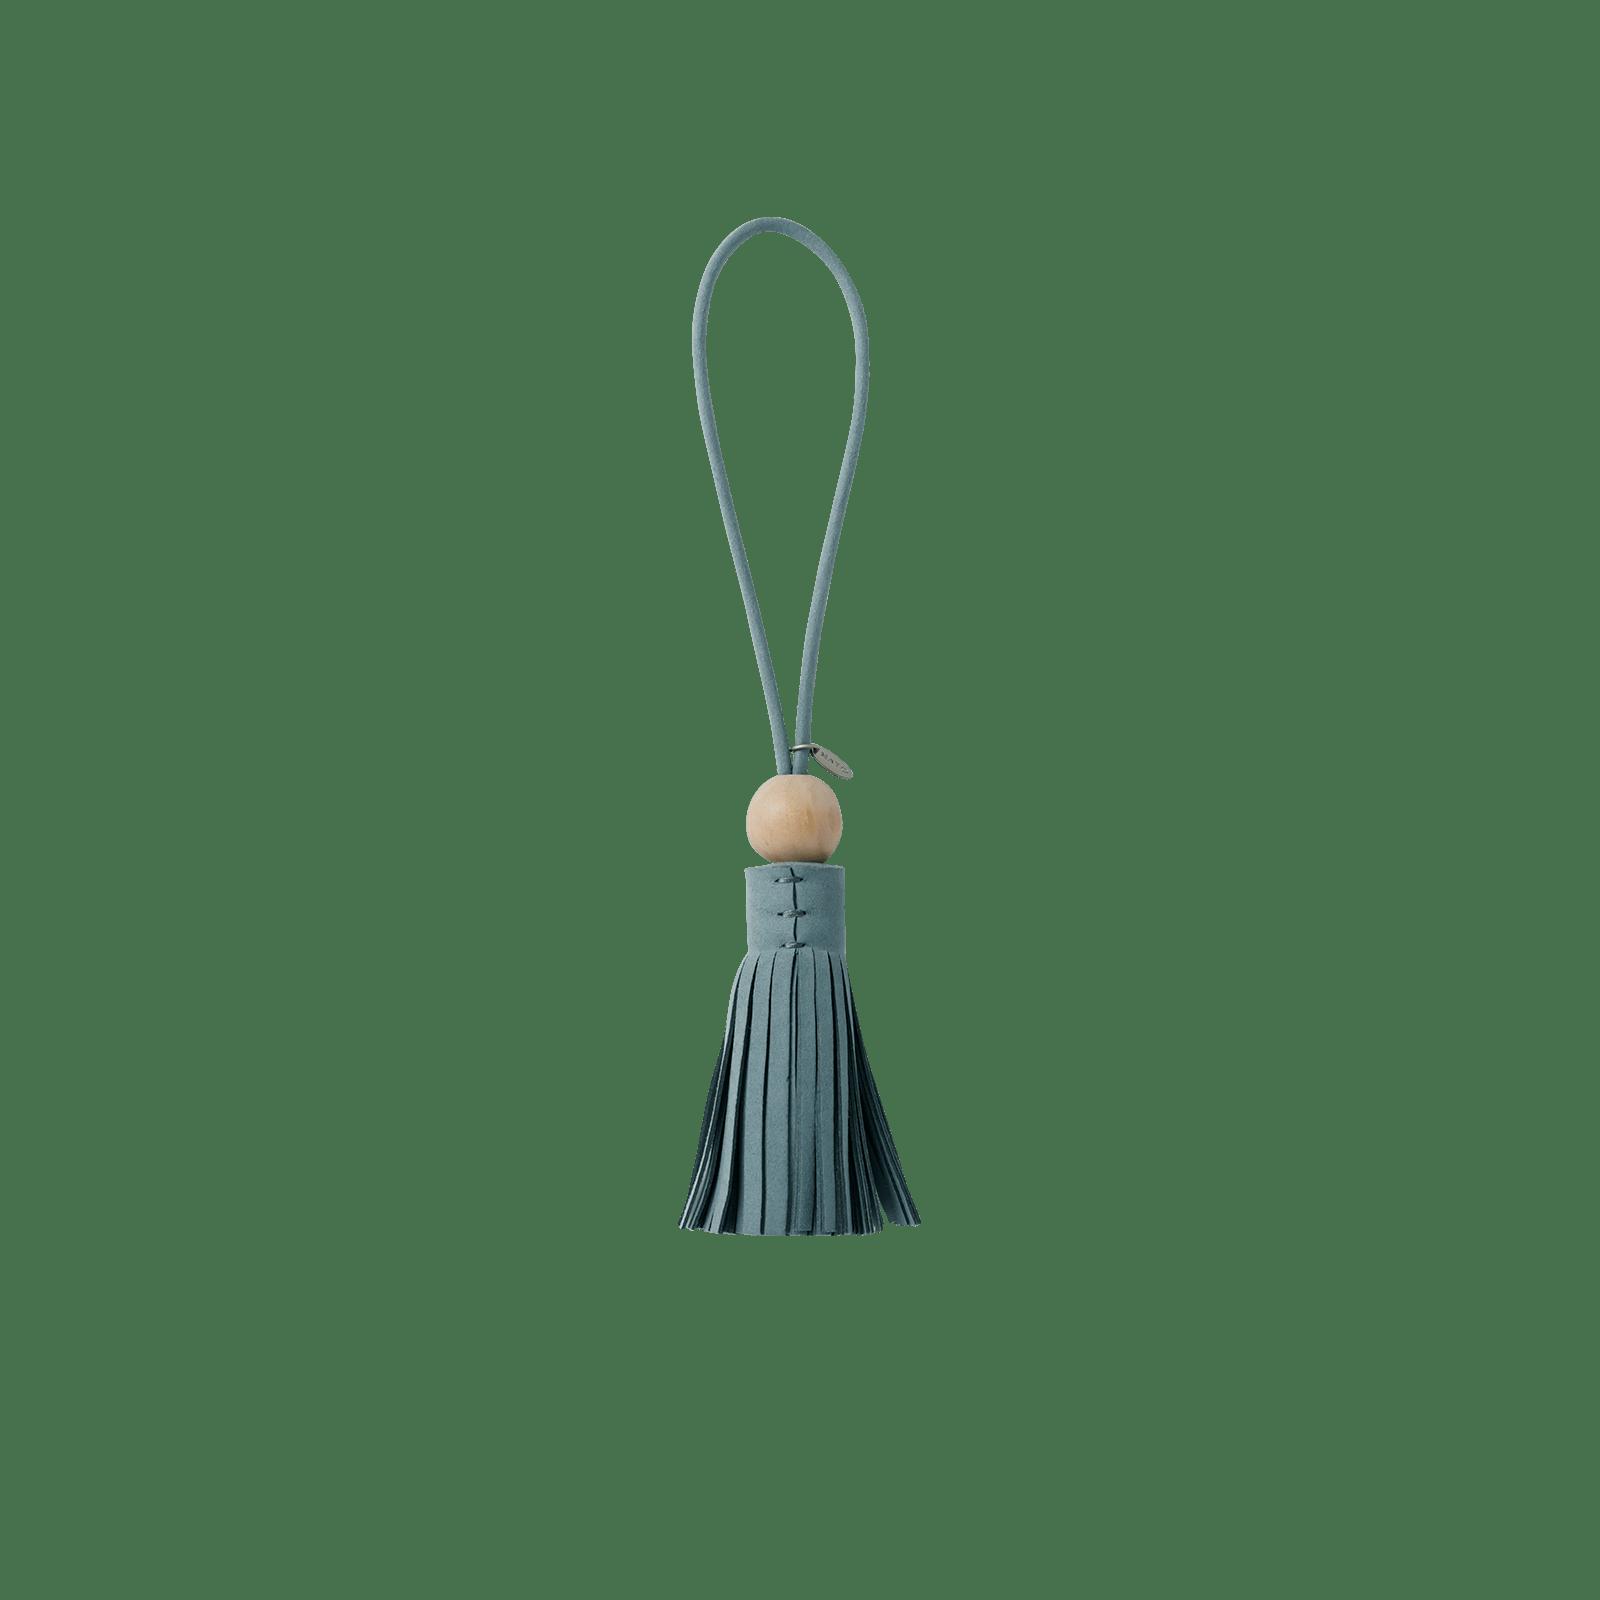 broom tassel 4 azure